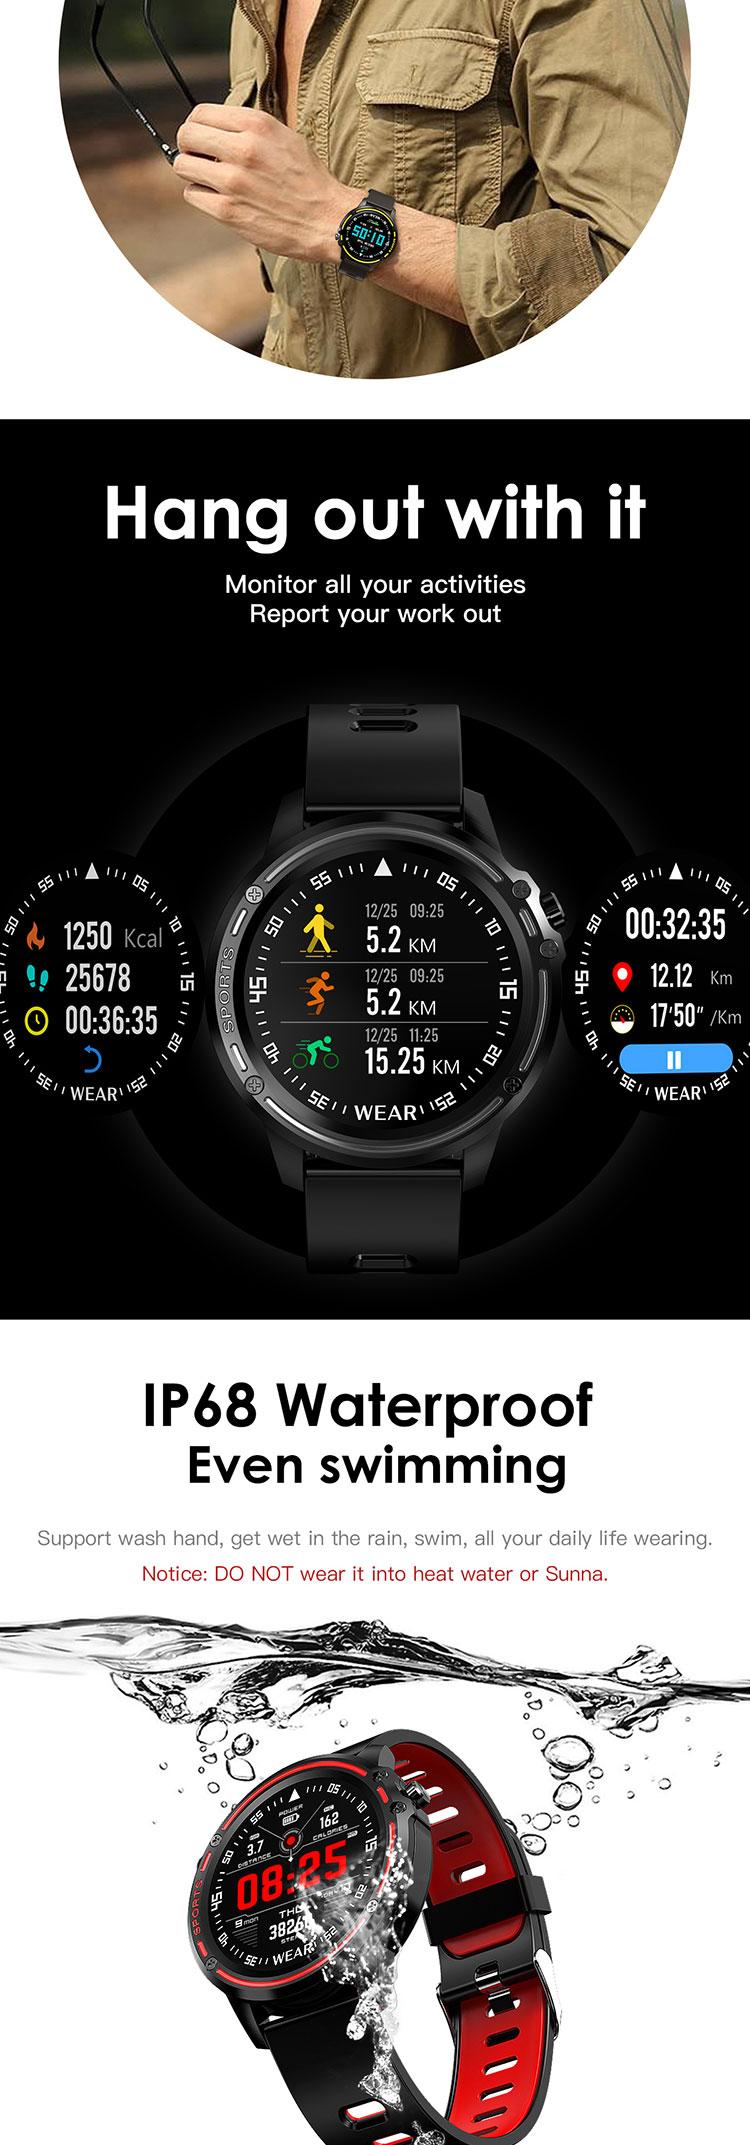 스포츠 스마트 시계 IP68 방수 보수계 피트니스 활동 추적기 심박수 혈압 모니터 ECG PPG 스마트 시계